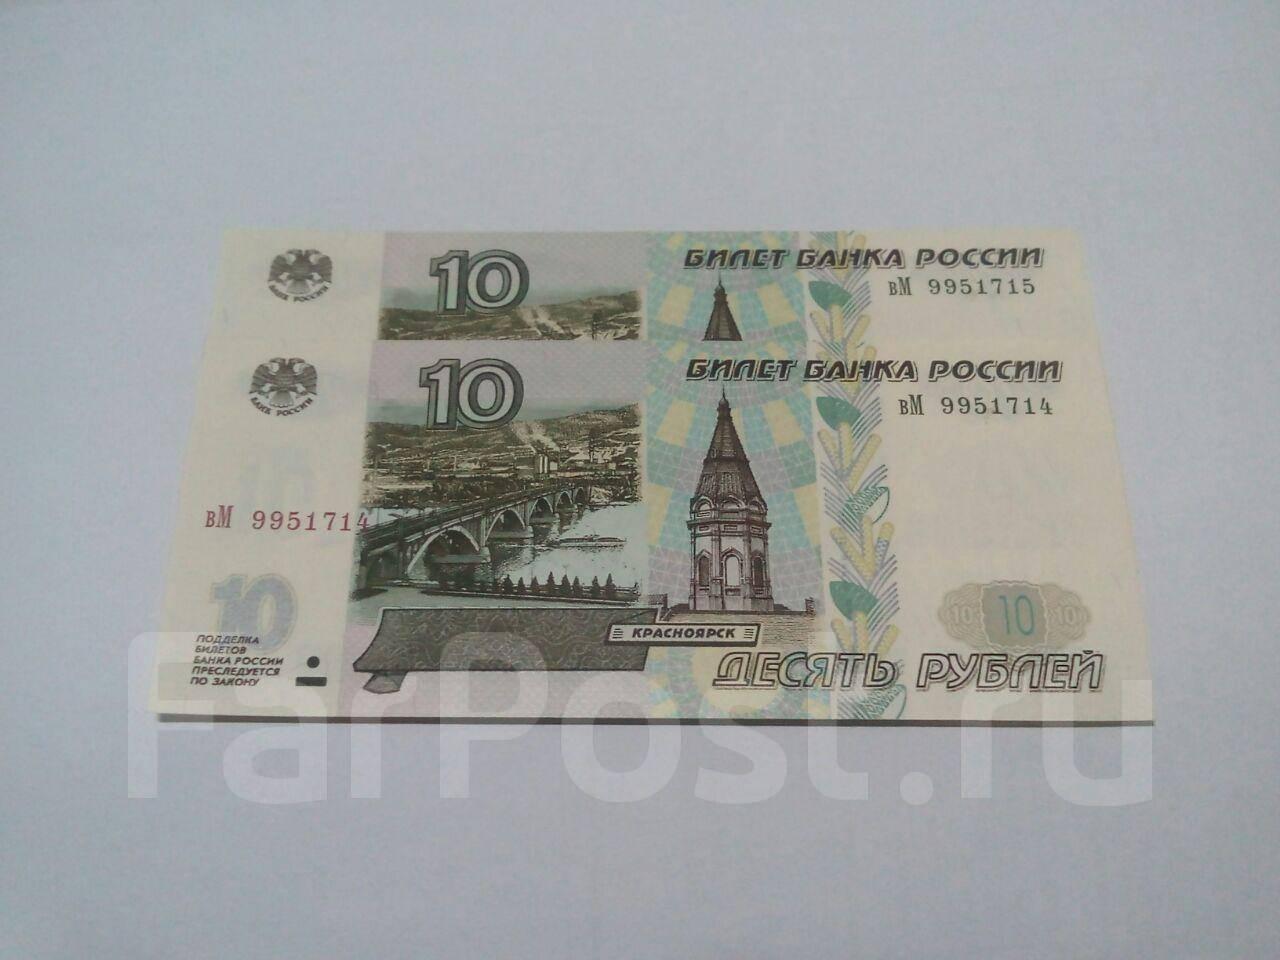 Авто с пробегом в Приморском крае купить бу автомобиль